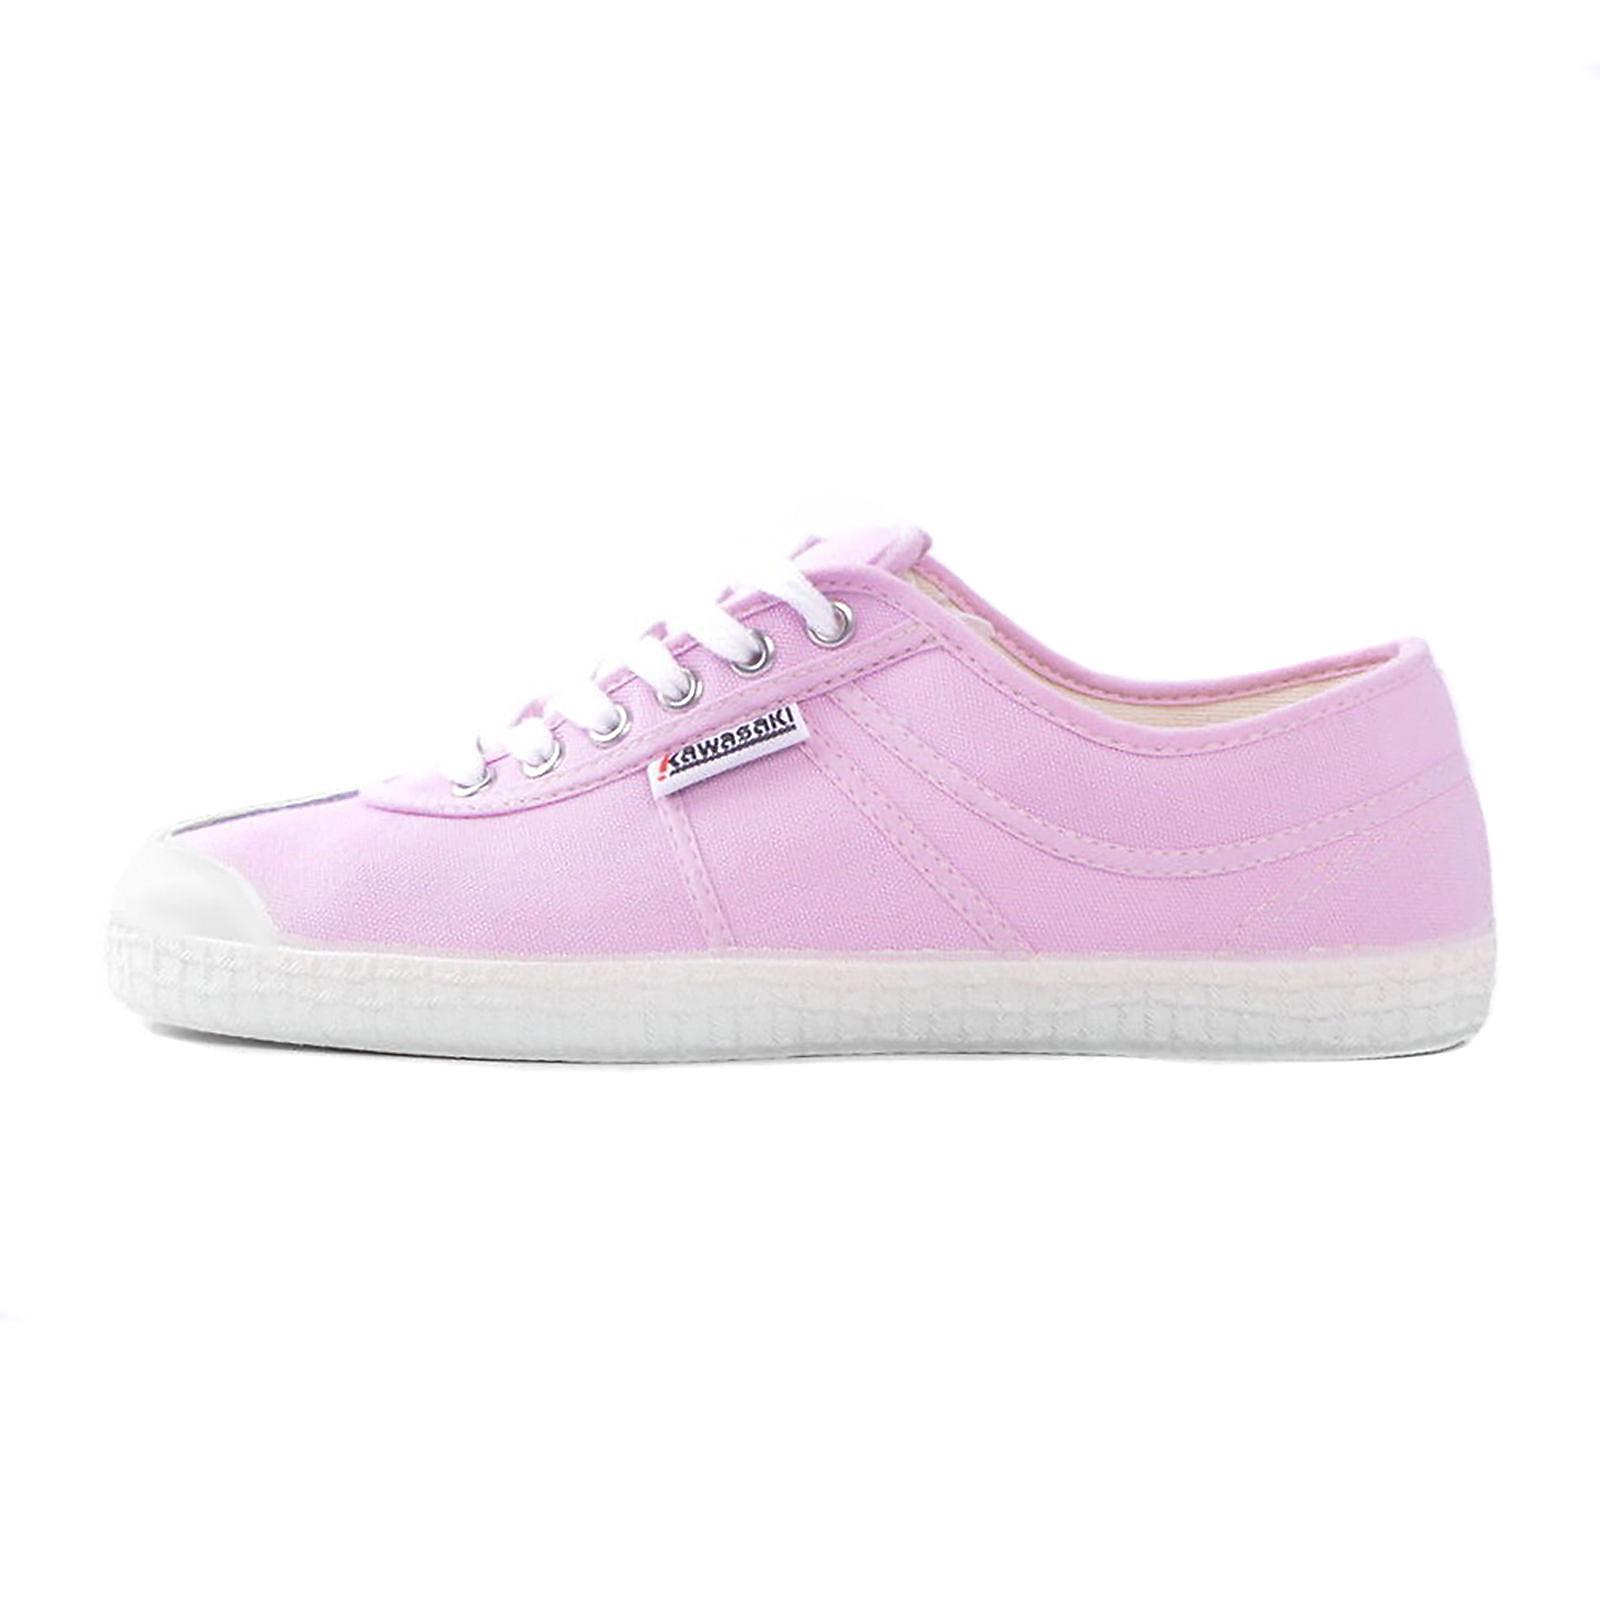 new product acc8b fc23e Dettagli su Kawasaki scarpe 72 rosa sneakers canvas